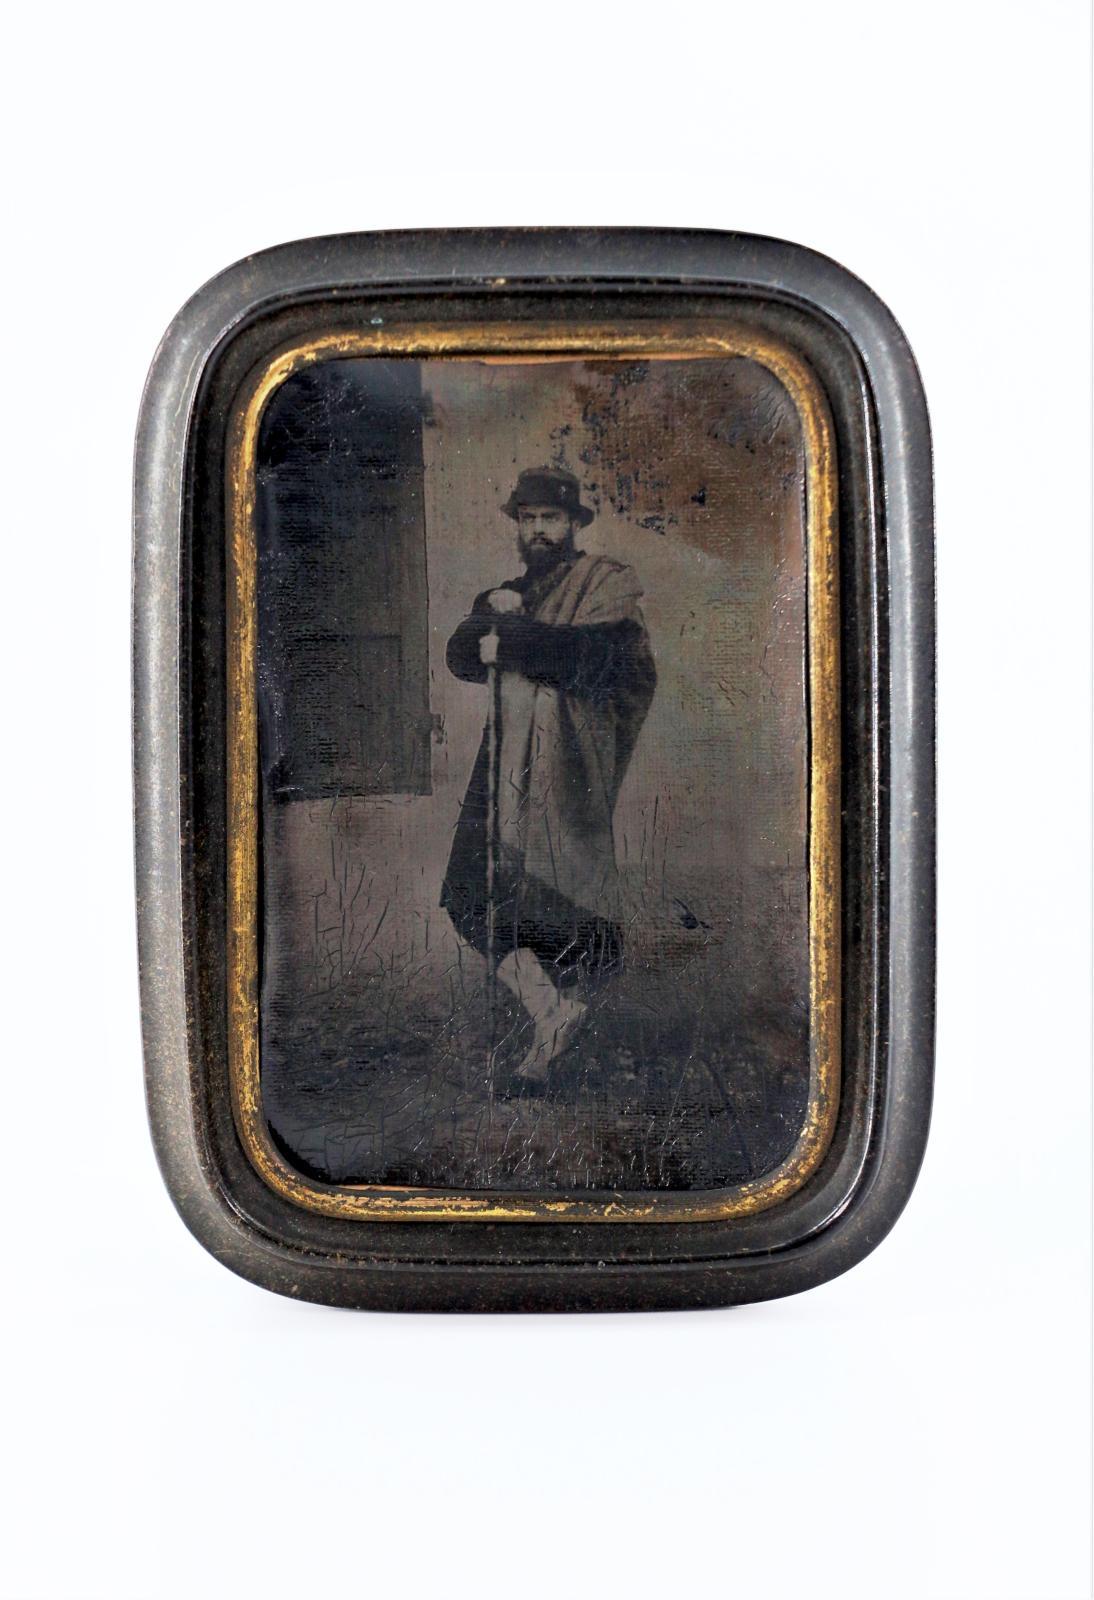 Attribué à Désiré Lebel(1809-1874) ou André Disdéri(1819-1889), Homme vêtu à l'italienne, posant devant un décor, panotype, vers 1870, 1